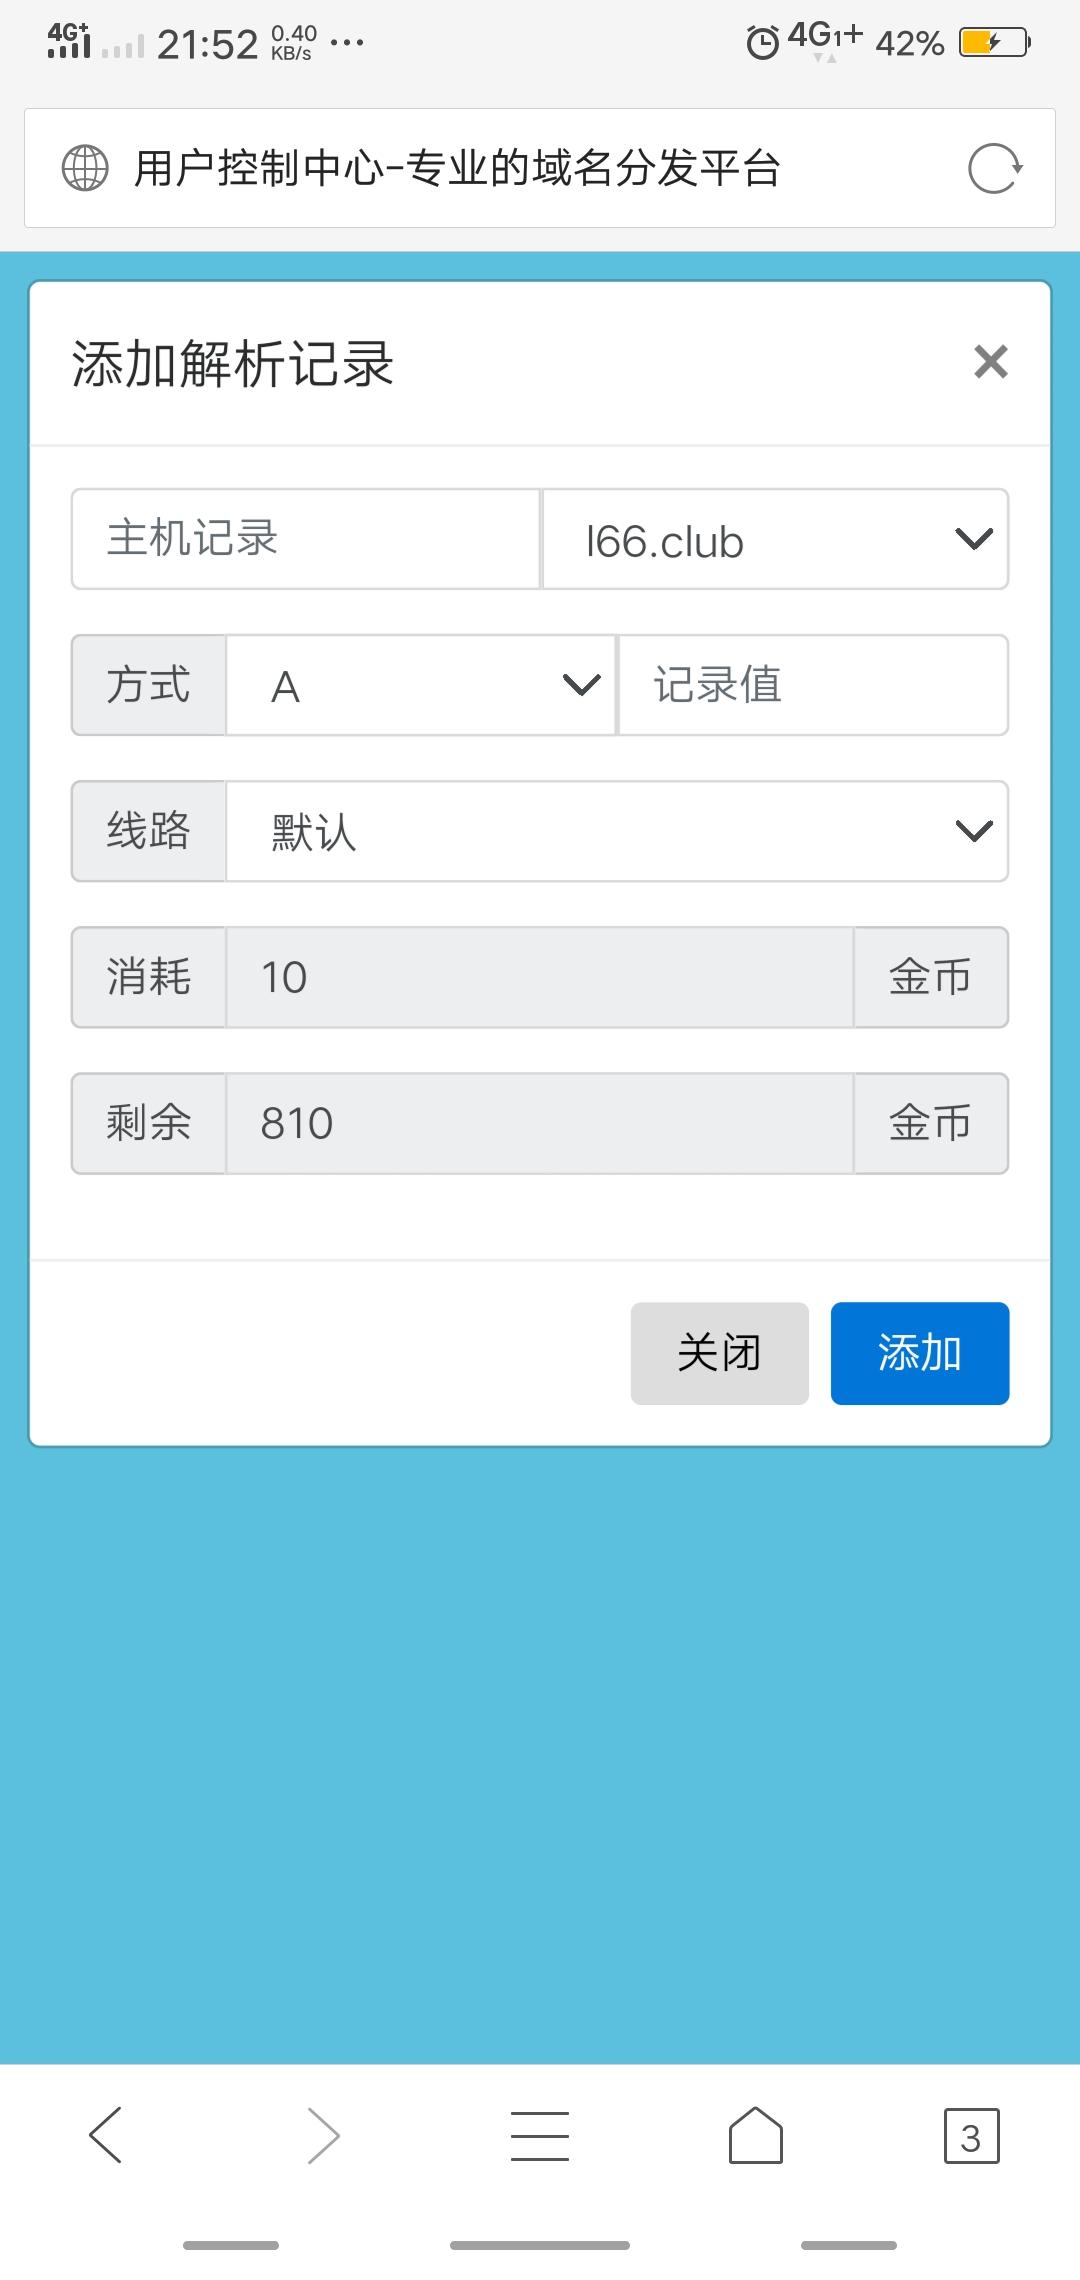 搭建自己的二级域名分发平台 后台可配置全局